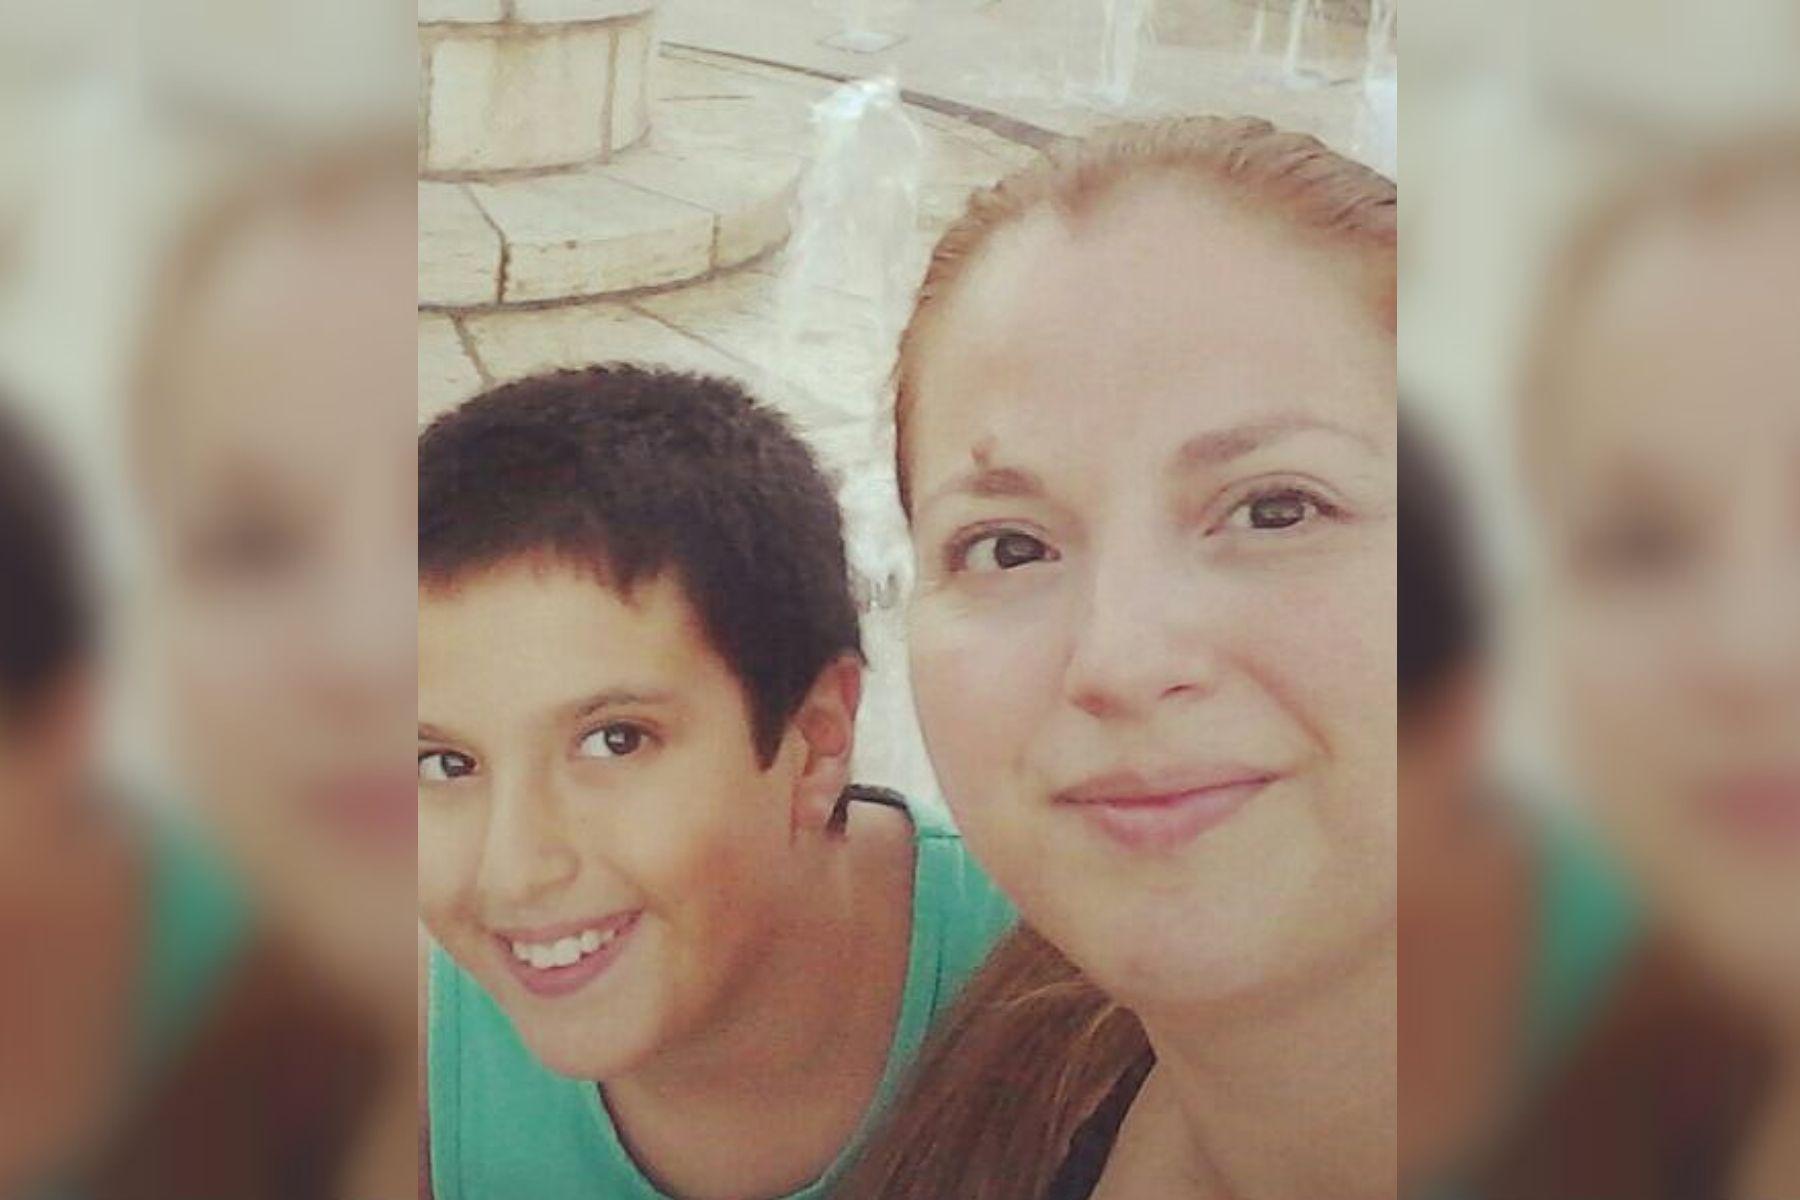 Un nene perdió el celular con los recuerdos de su mamá muerta y pide ayuda para encontrarlo